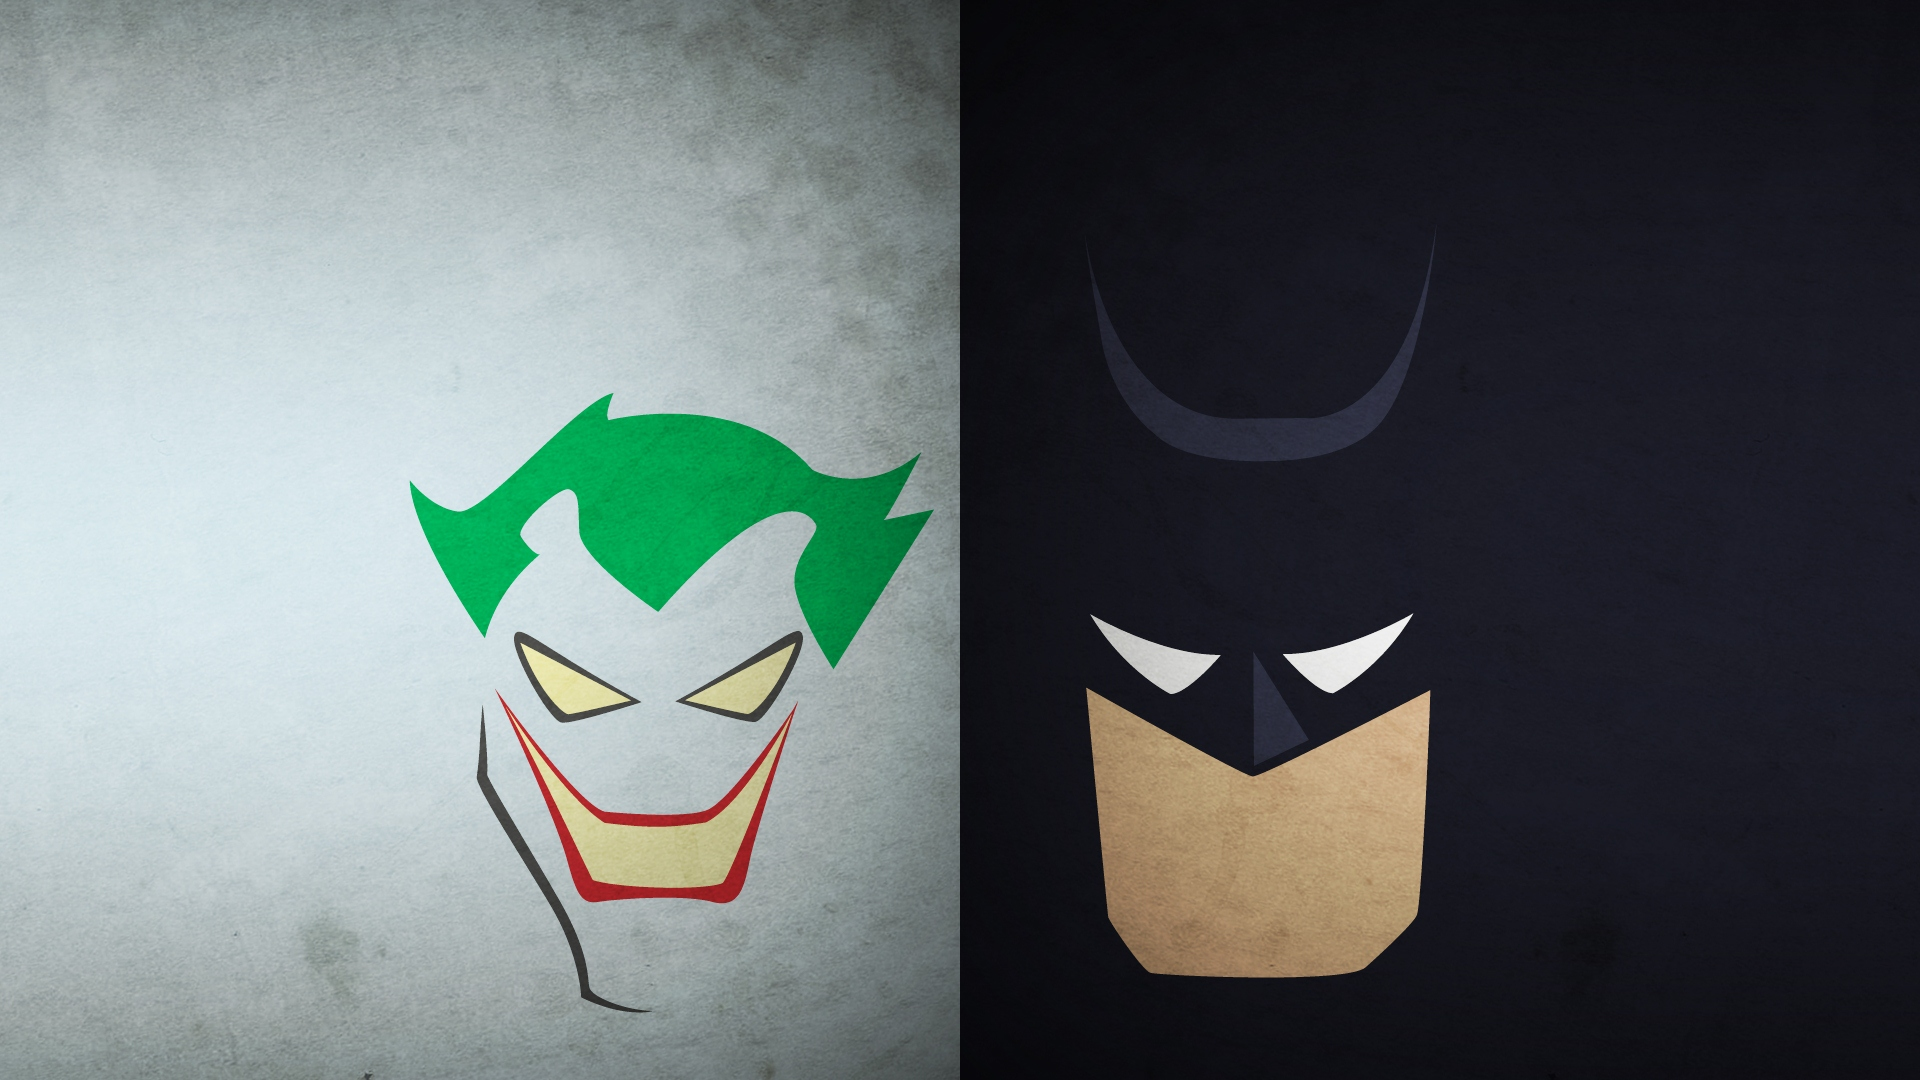 joker batman art, hd artist, 4k wallpapers, images, backgrounds